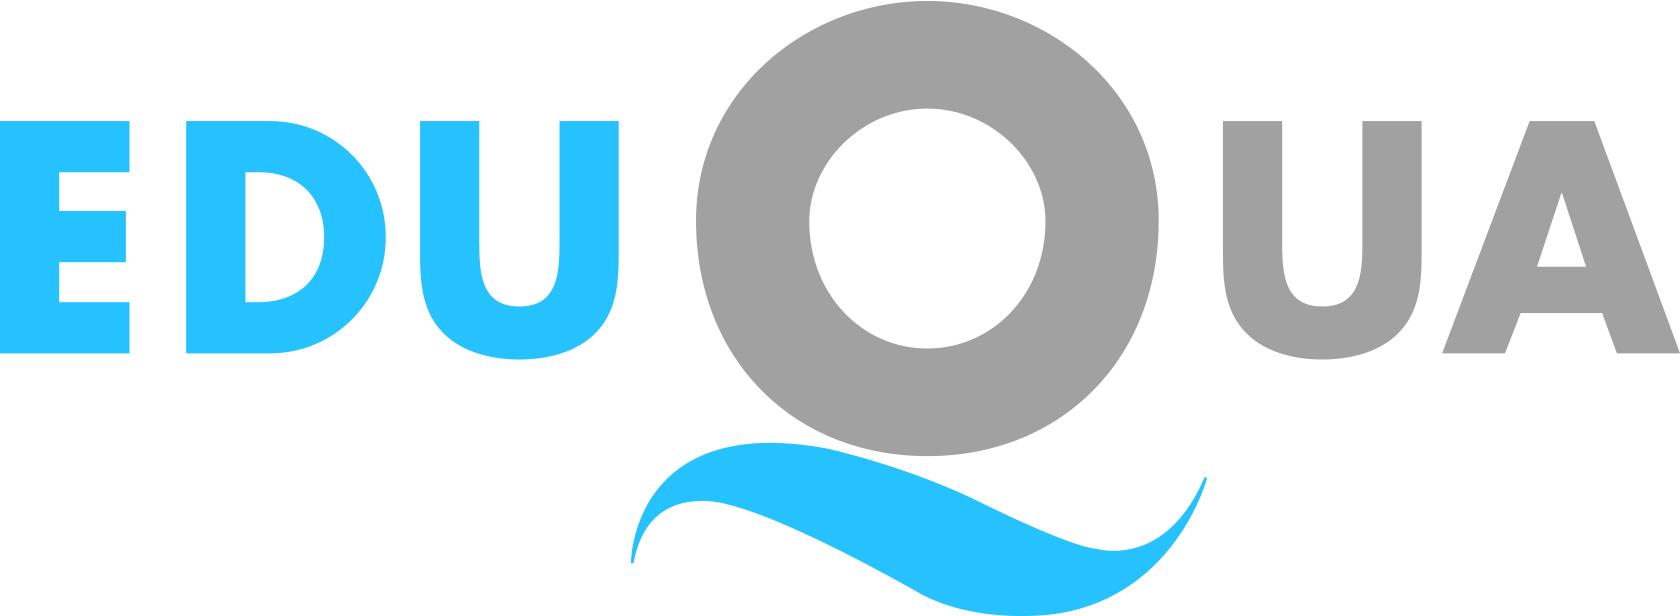 Wortmarke eduQua – Das Qualitätslabel der Weiterbildung